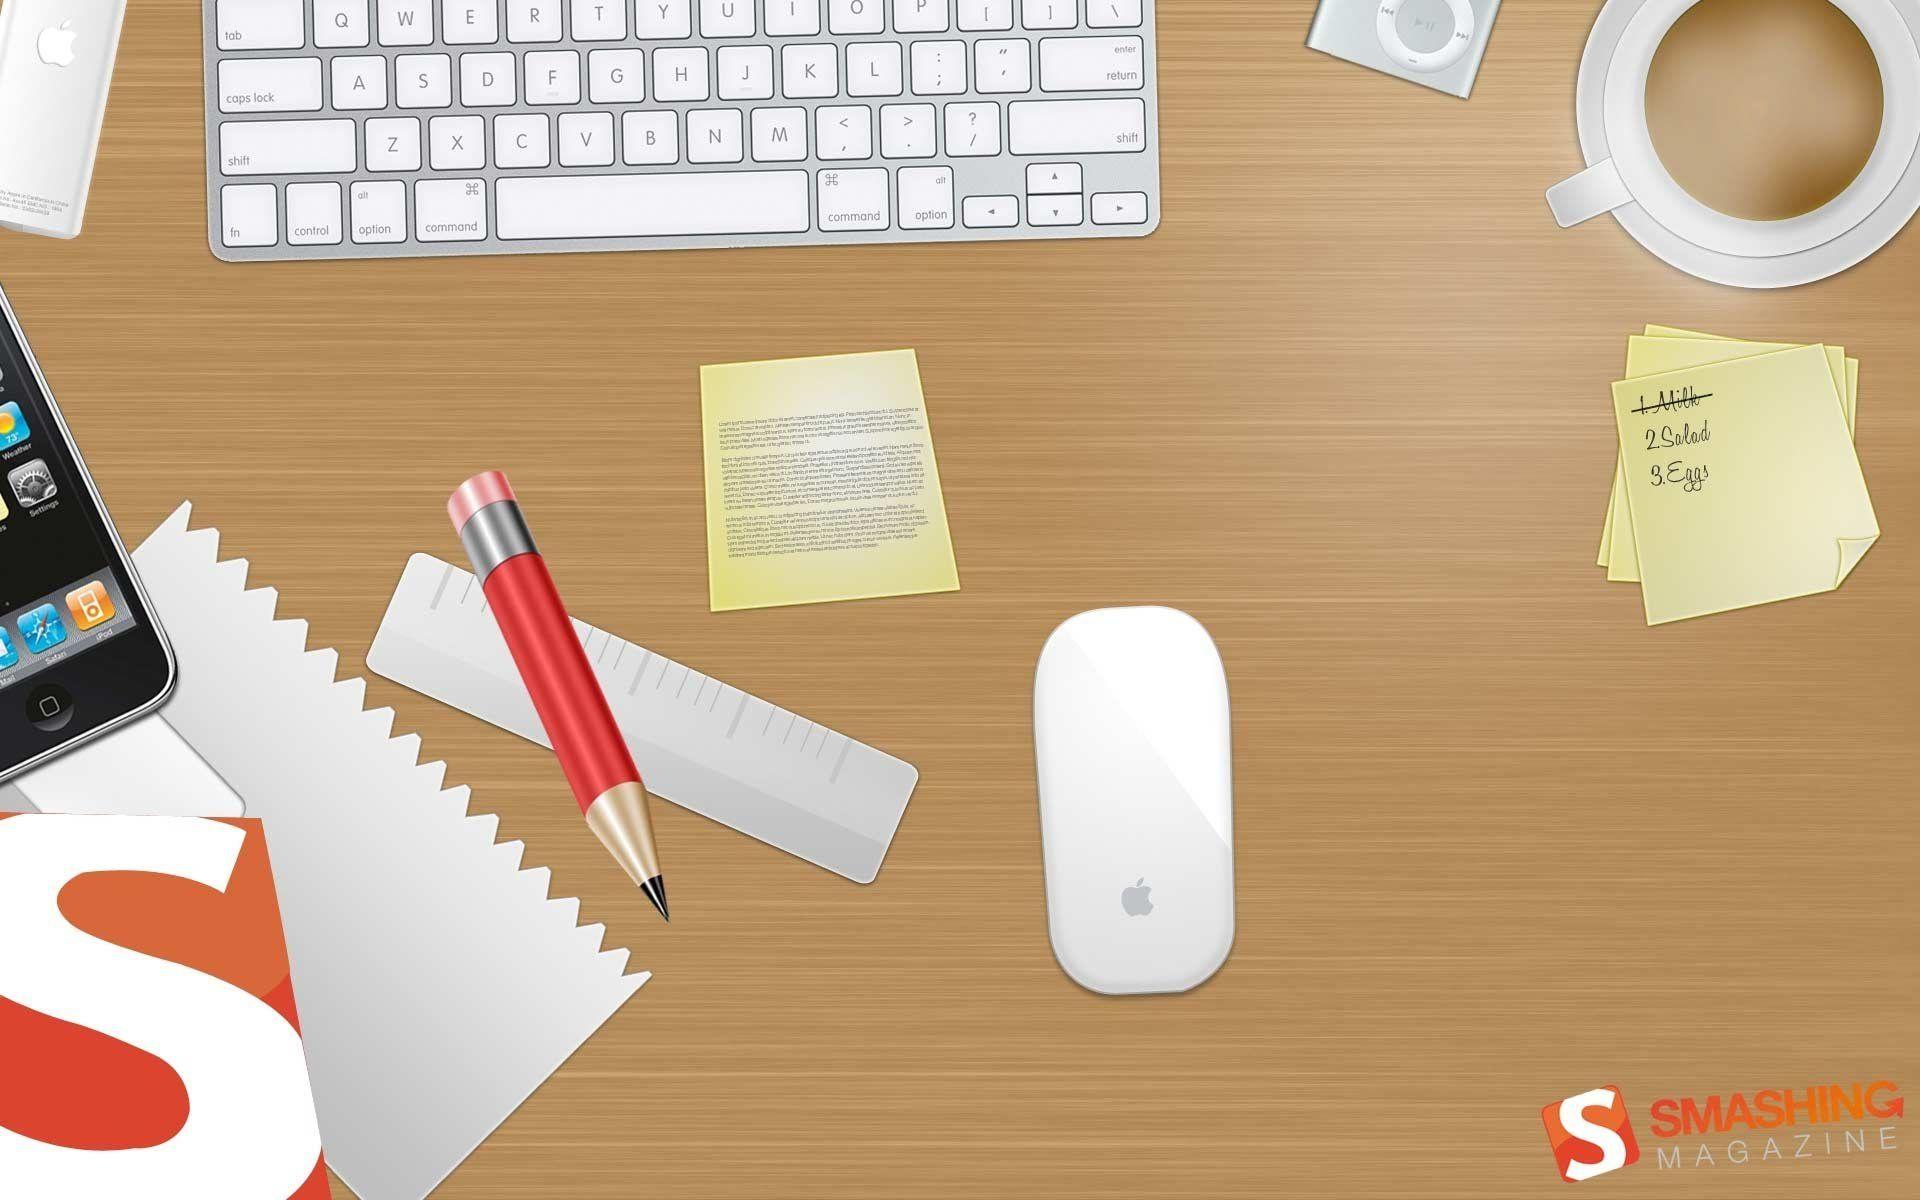 обои на рабочий стол бухгалтерский учет № 648556 бесплатно